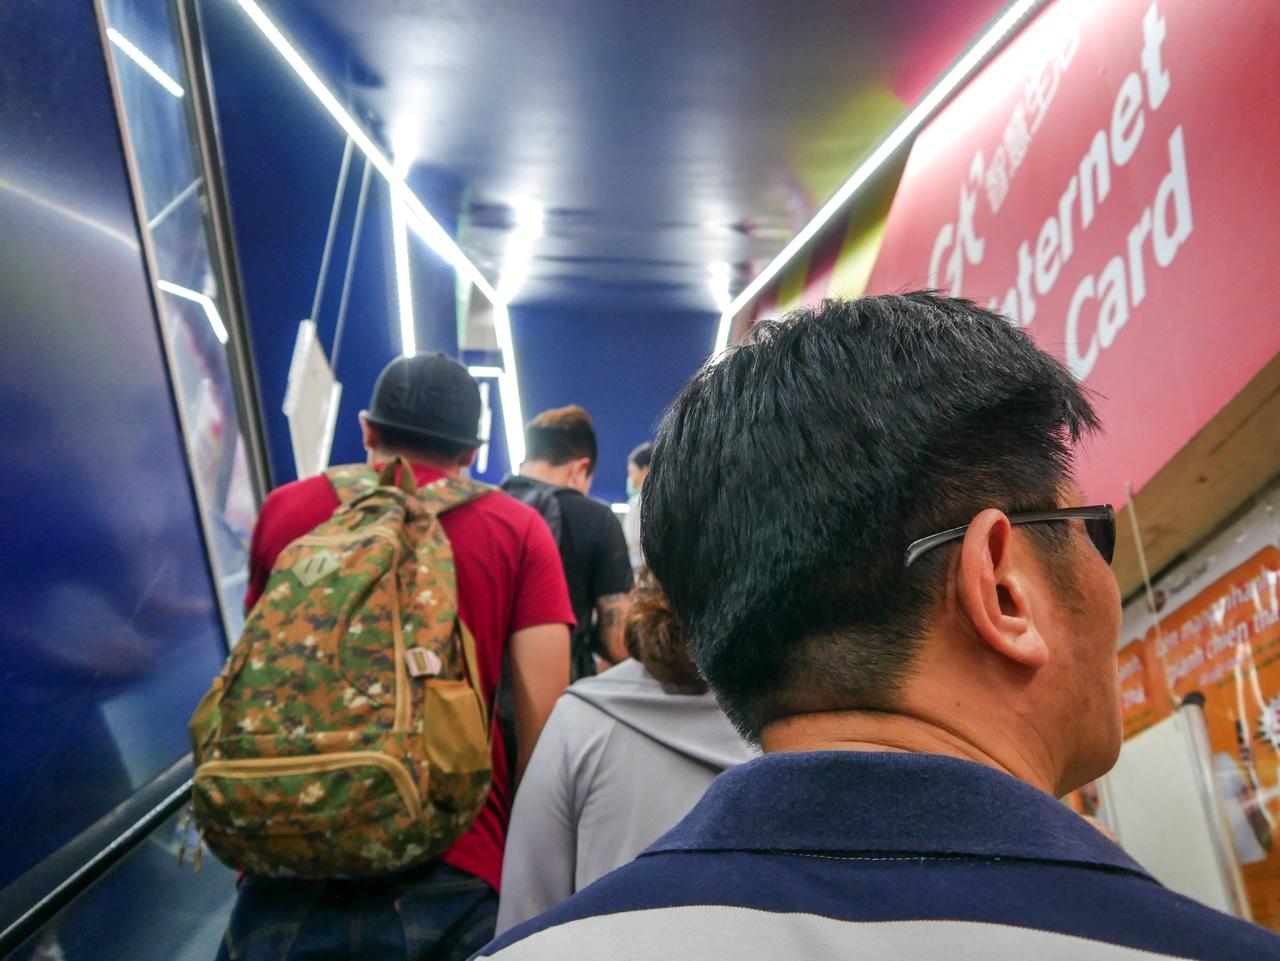 アセアン広場のエスカレーターに乗る人々